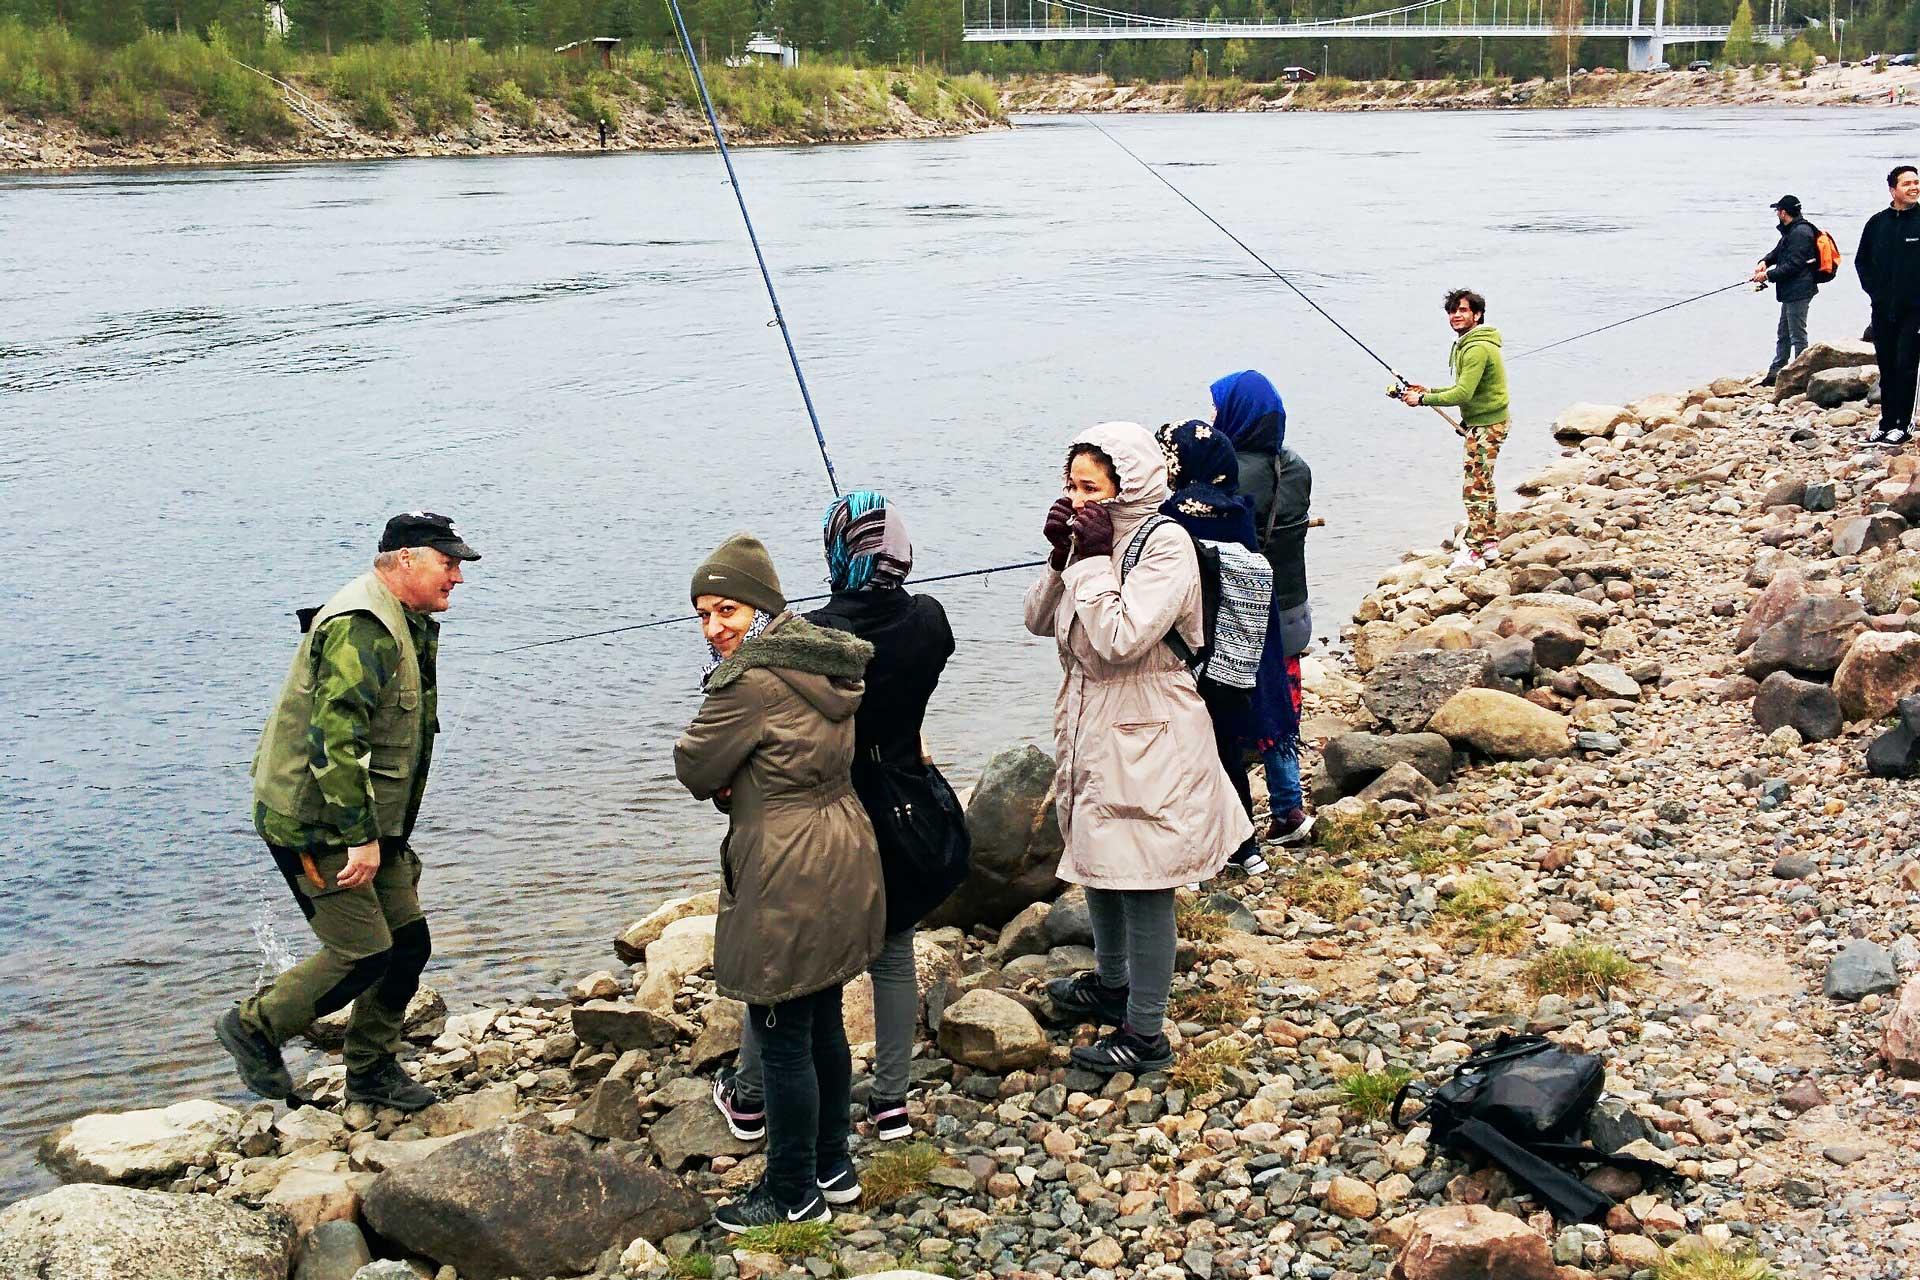 Fiske vid Luleälv grupp människor vid älven